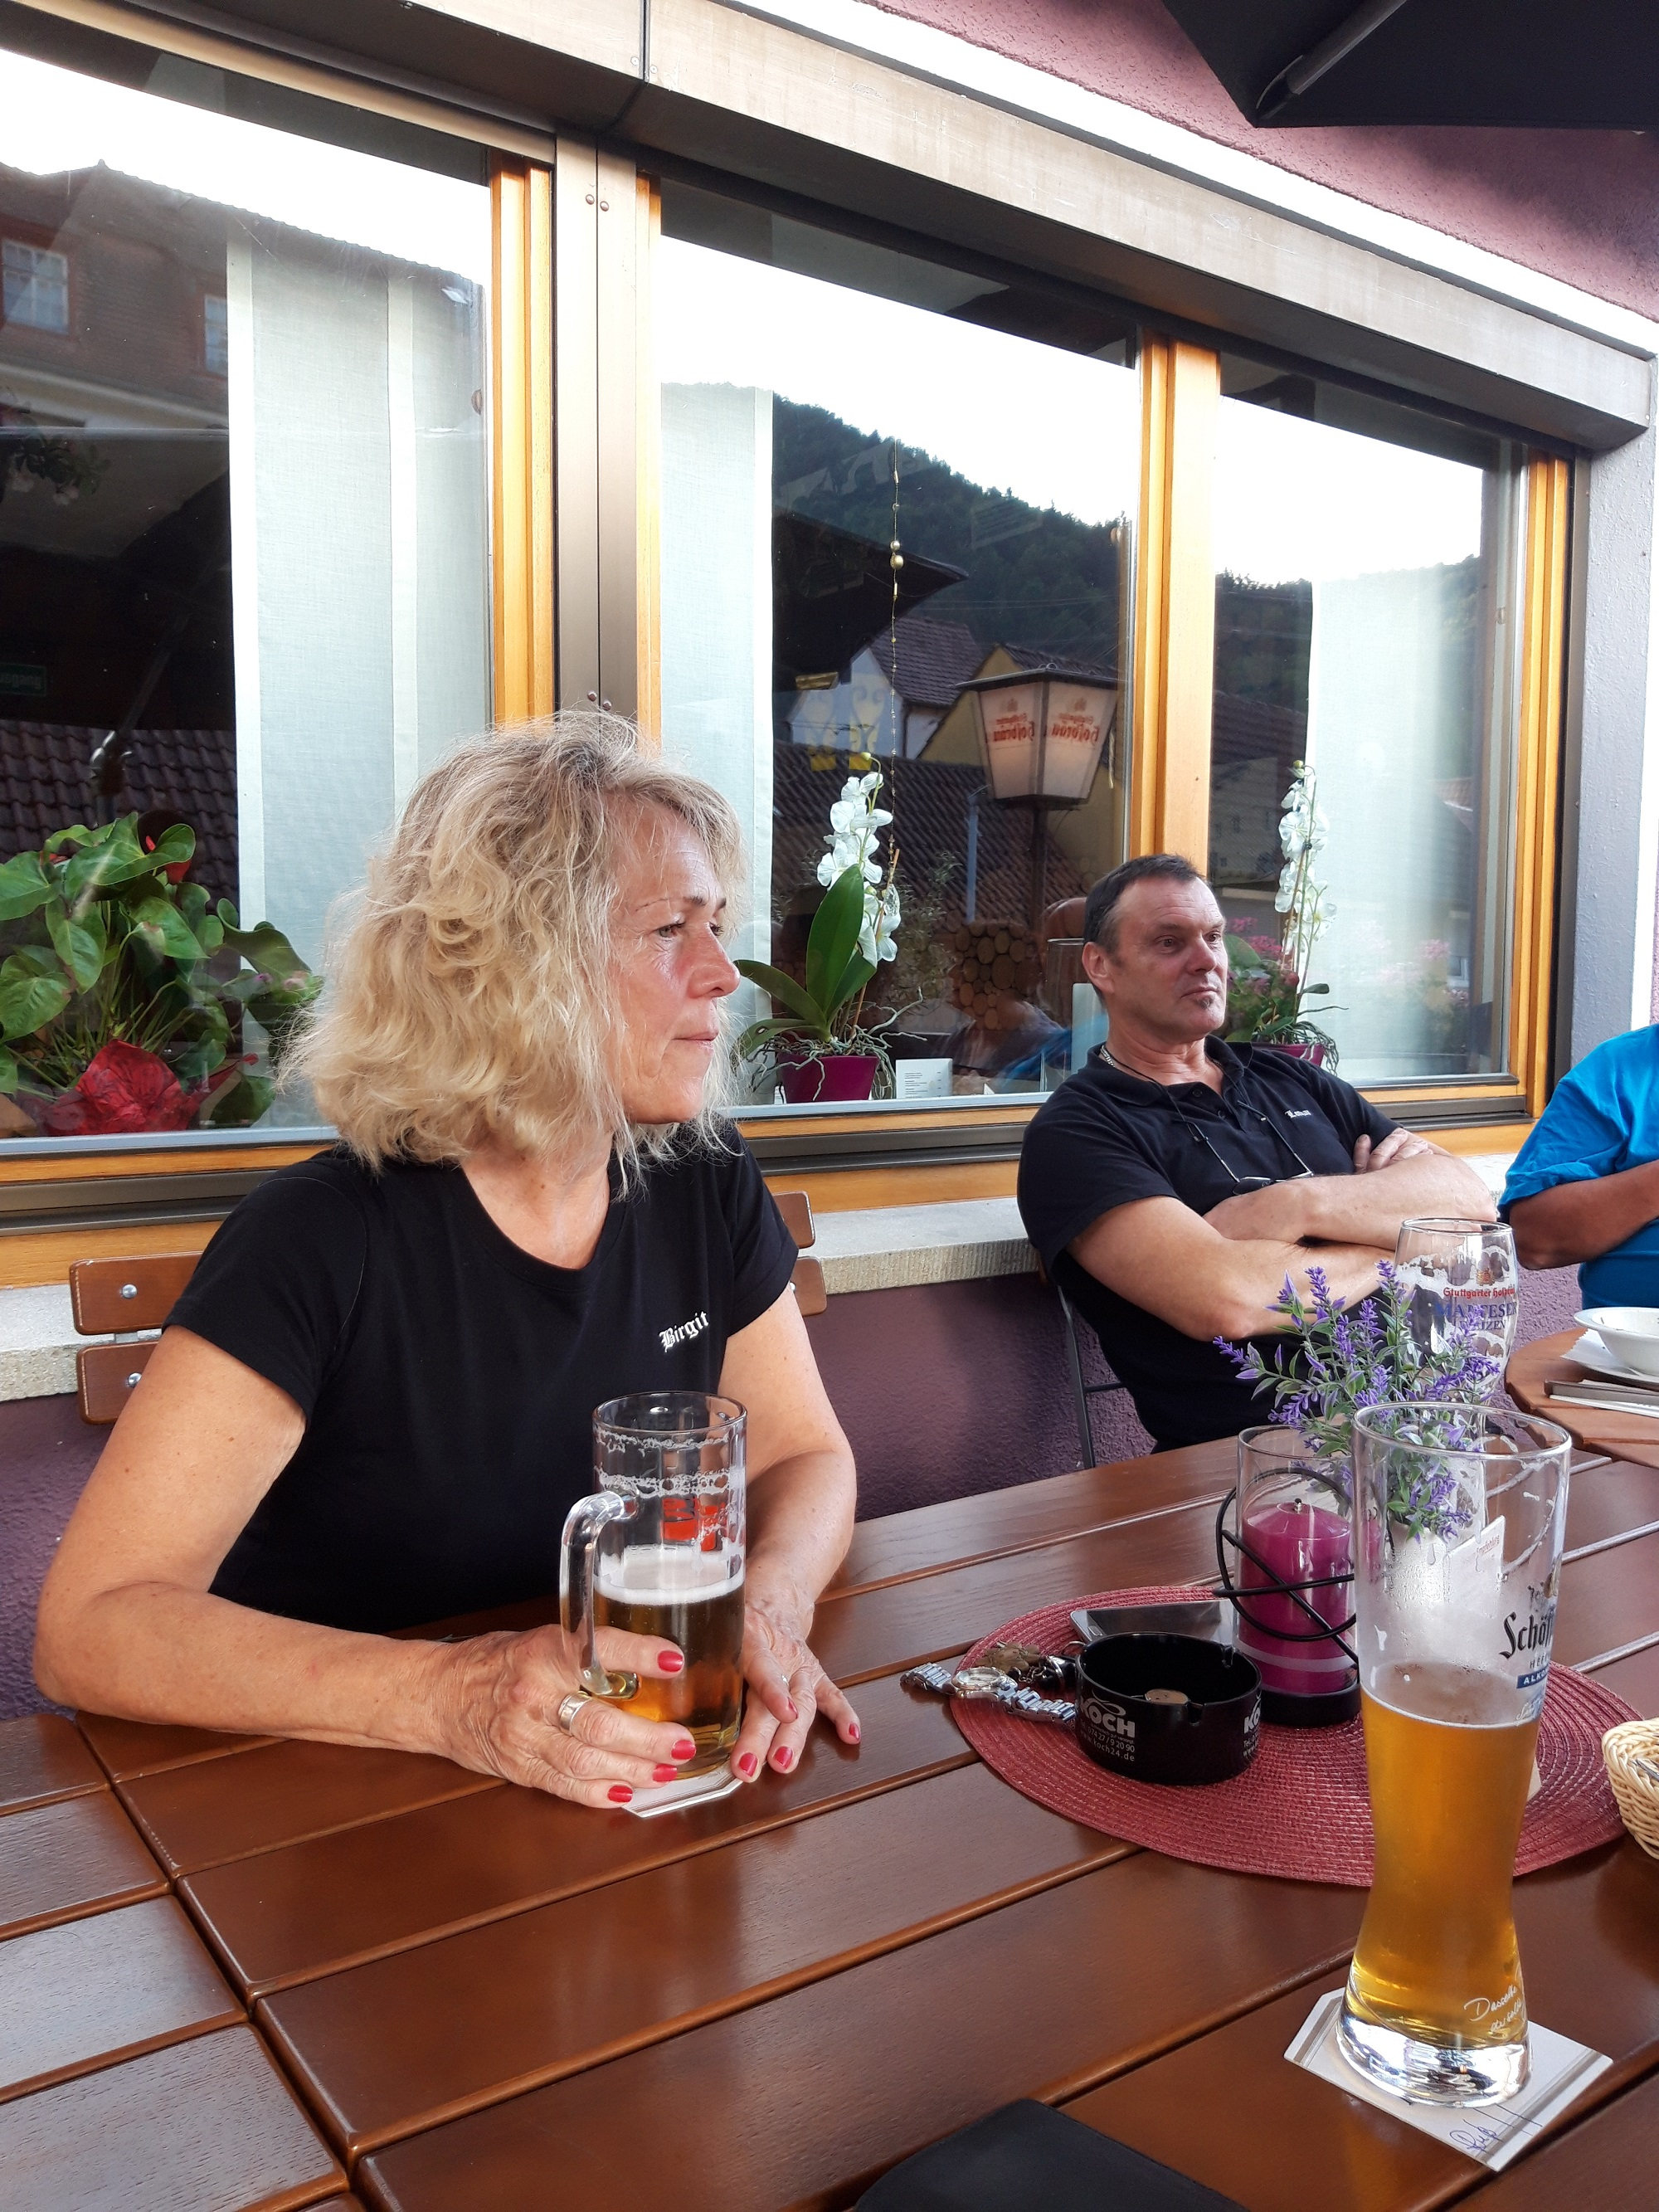 nach dem ersten Tag auf der Hotelterrasse,Bigi und Lothar ganz entspannt